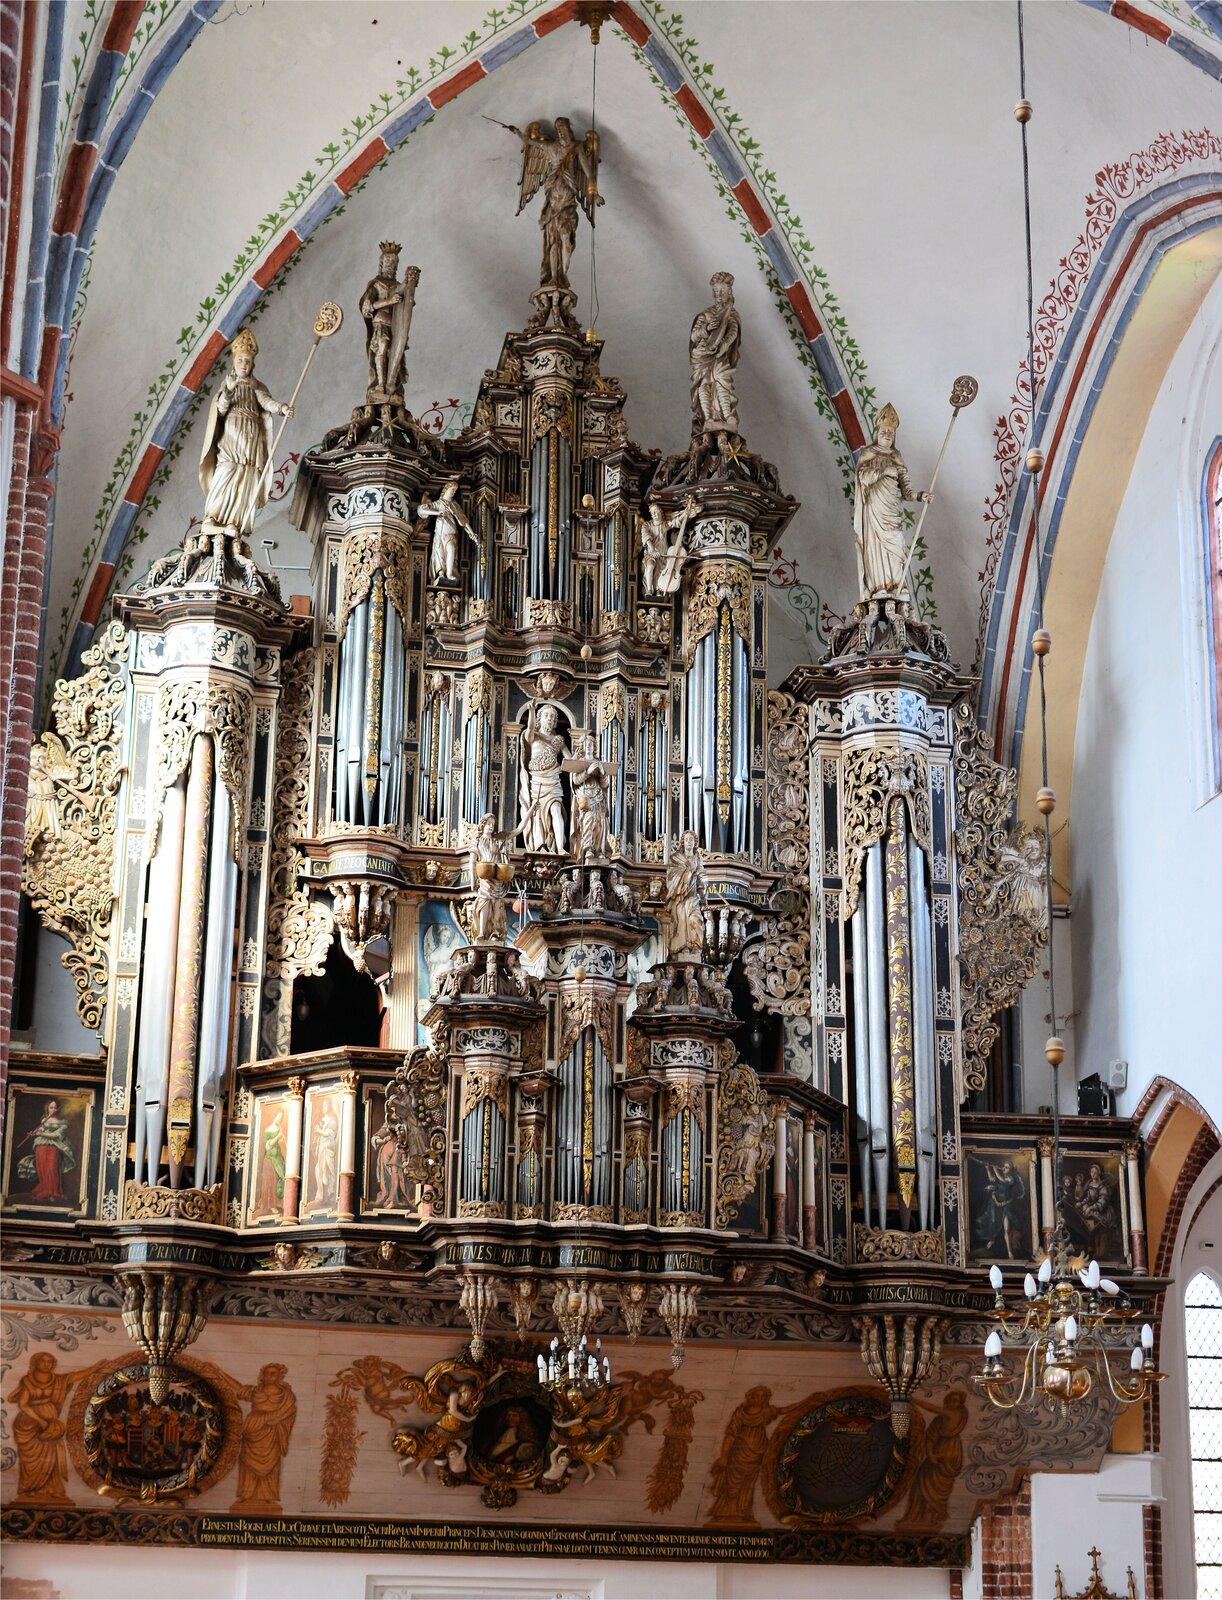 Na zdjęciu prospekt organów wKamieniu Pomorskim. Barokowy prospekt ma liczne zdobienia, jest bogato złocony, ozdobiony rzeźbami postaci biblijnych.